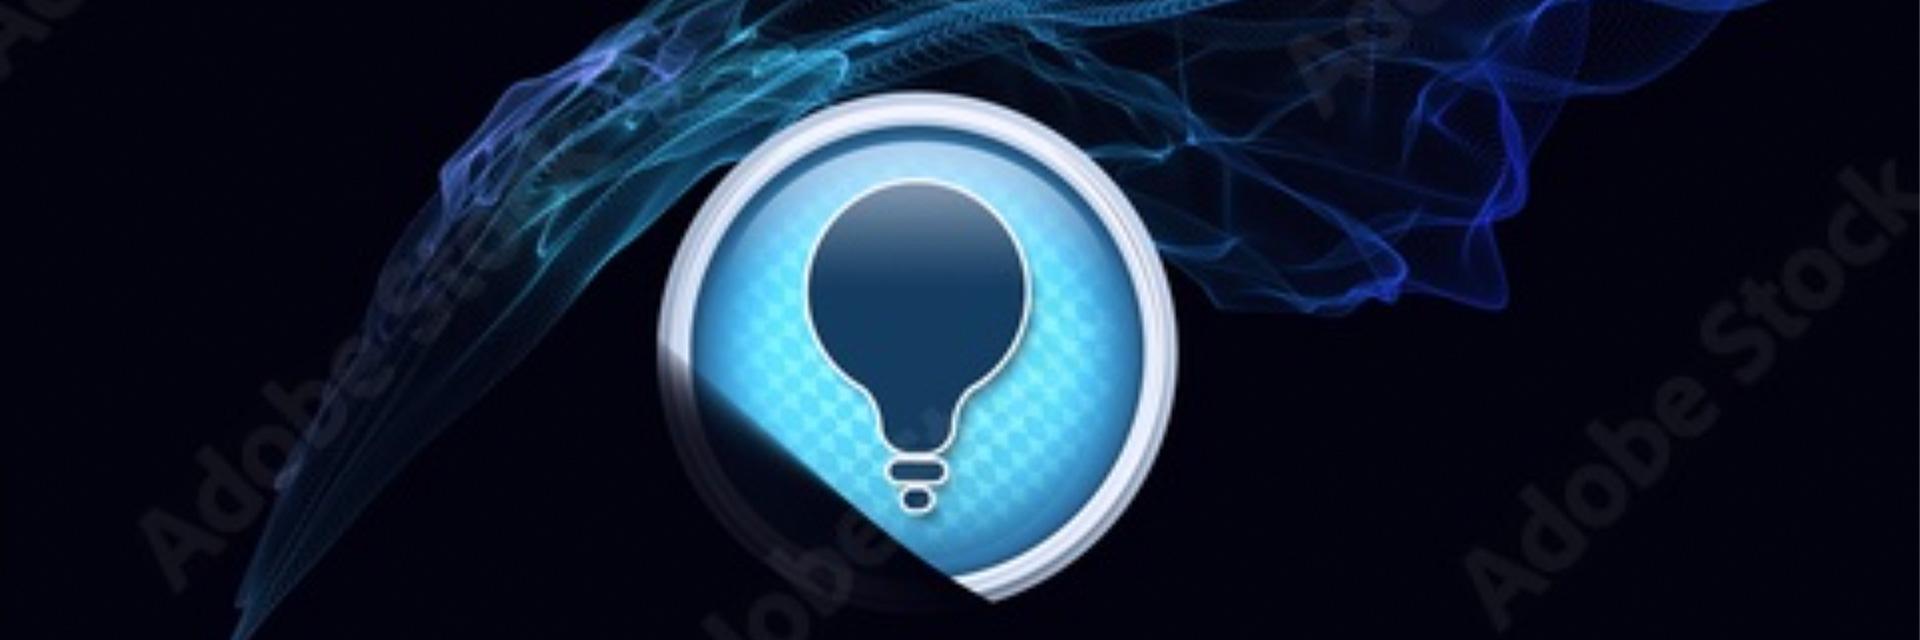 Samsung разработала светодиодное устройство для автомобилей